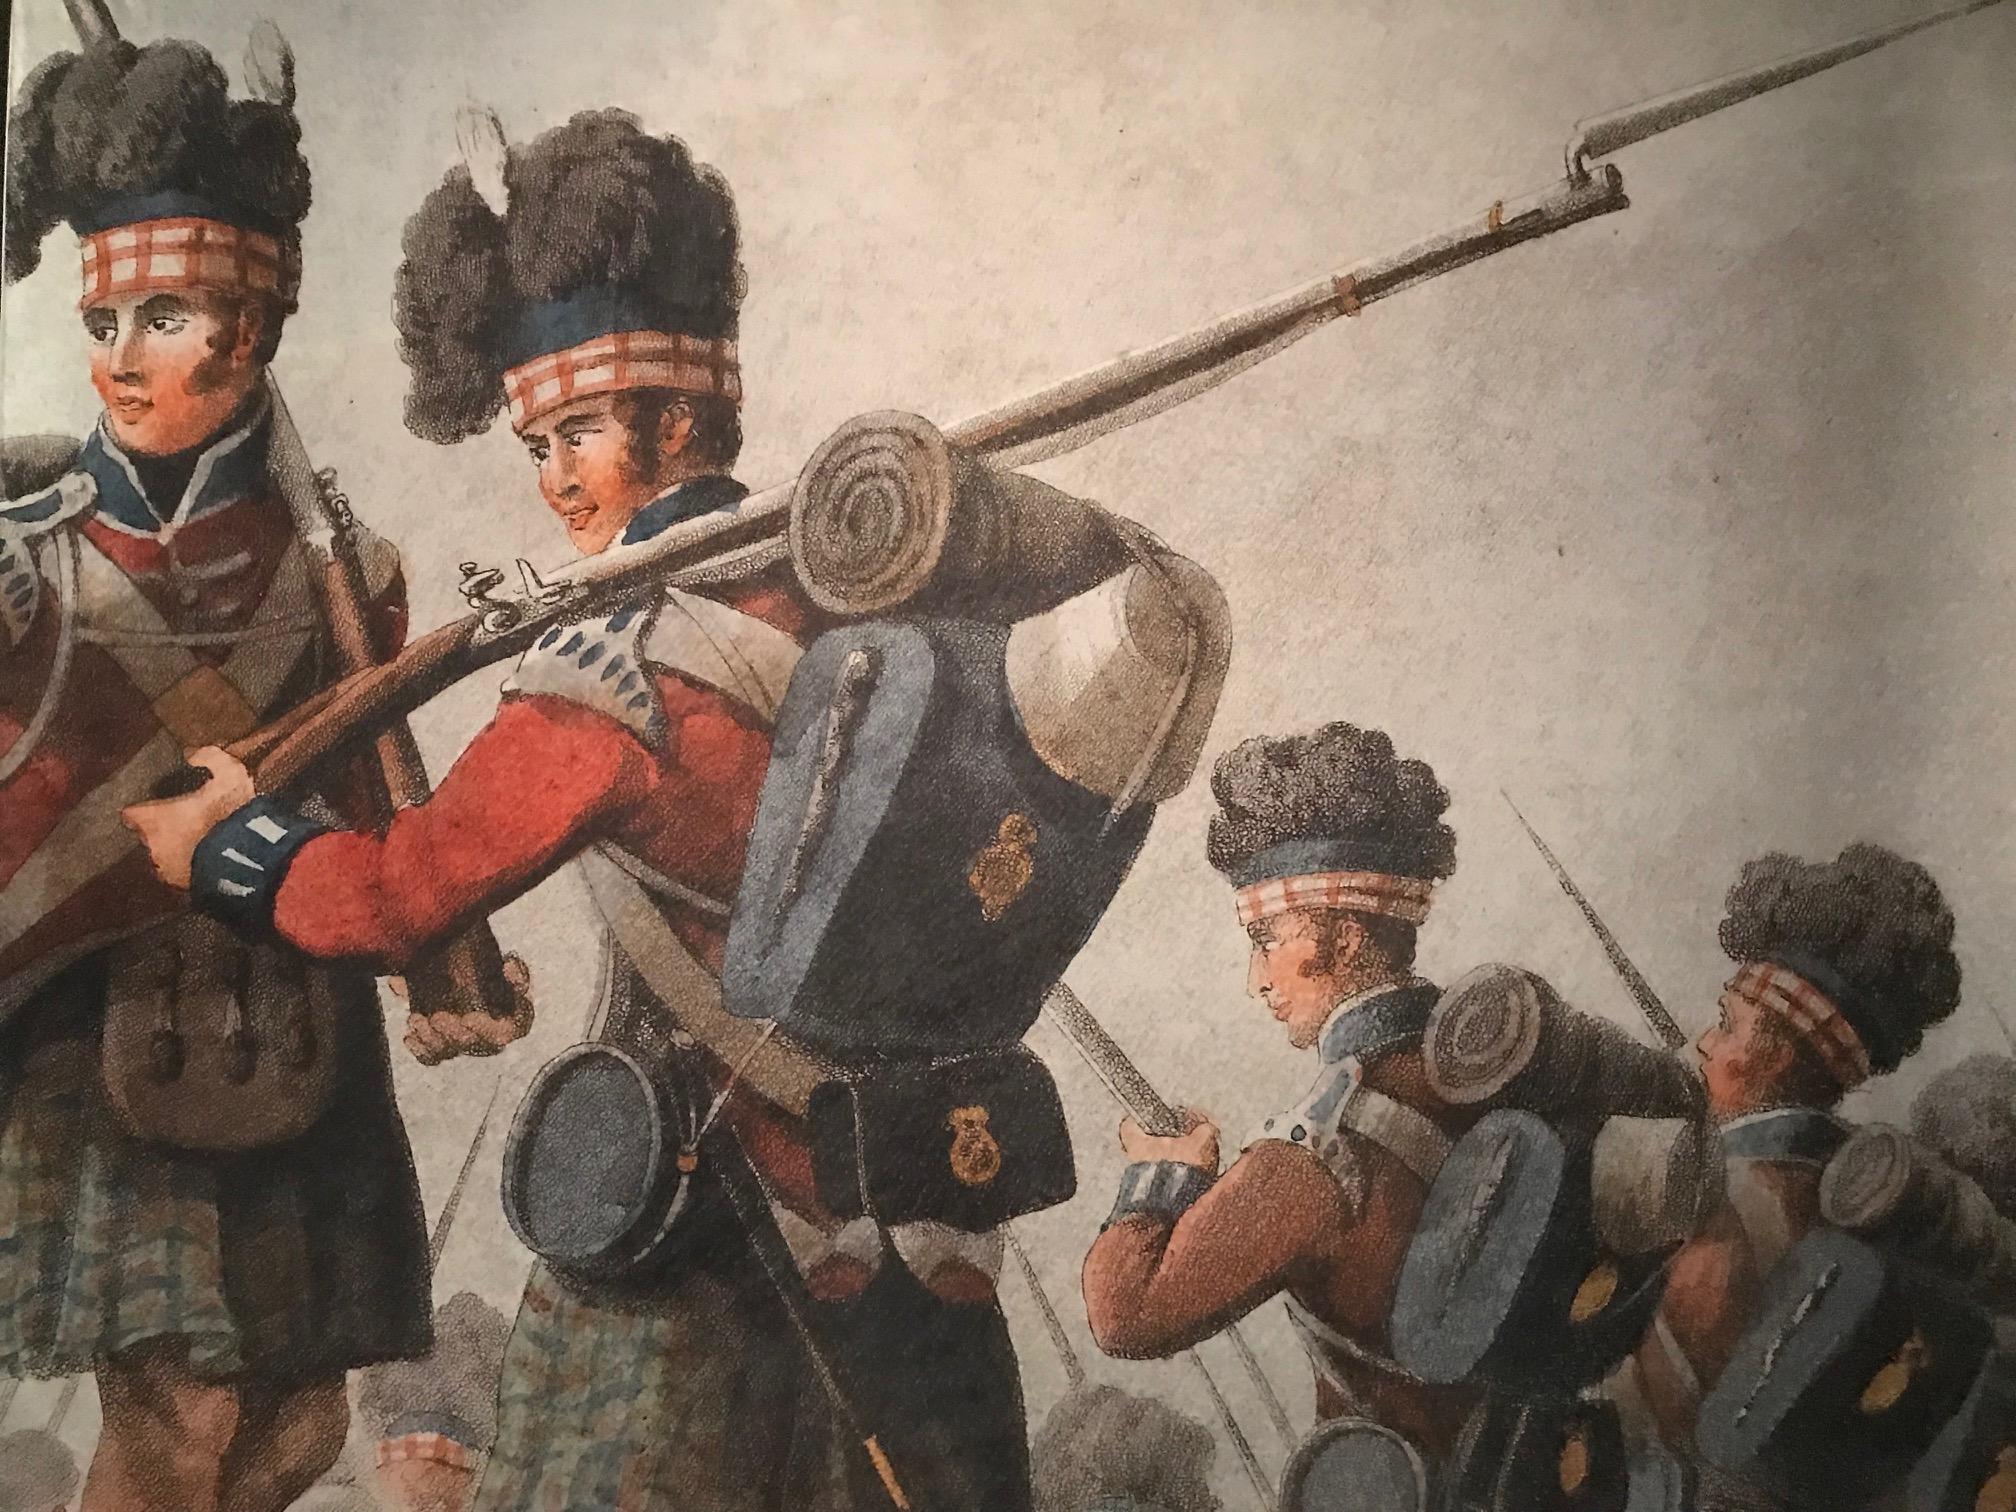 HighlandWarriors